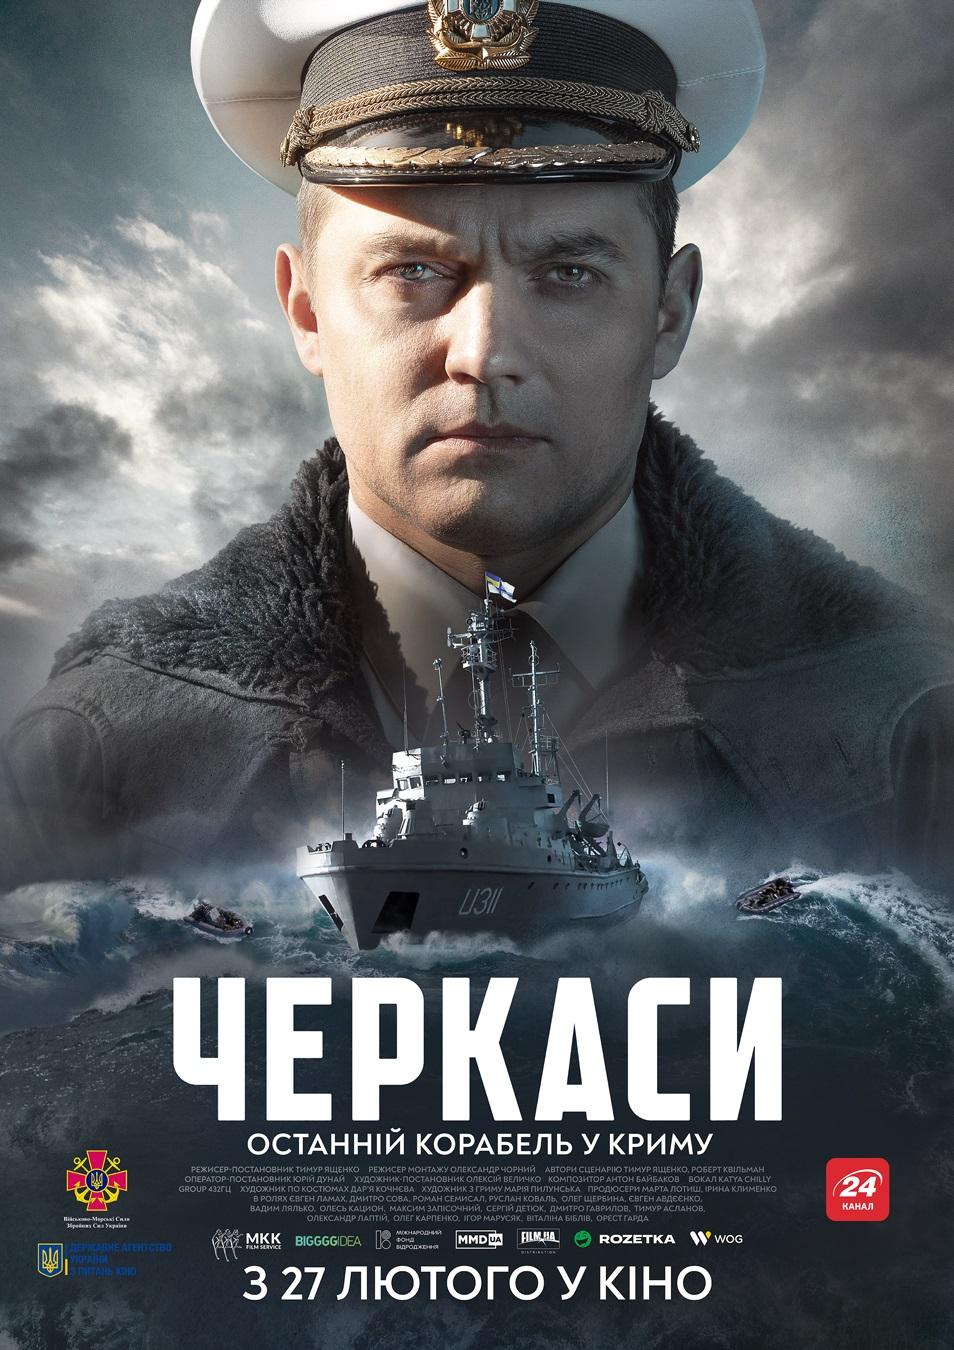 офіційний постер фільму Черкаси